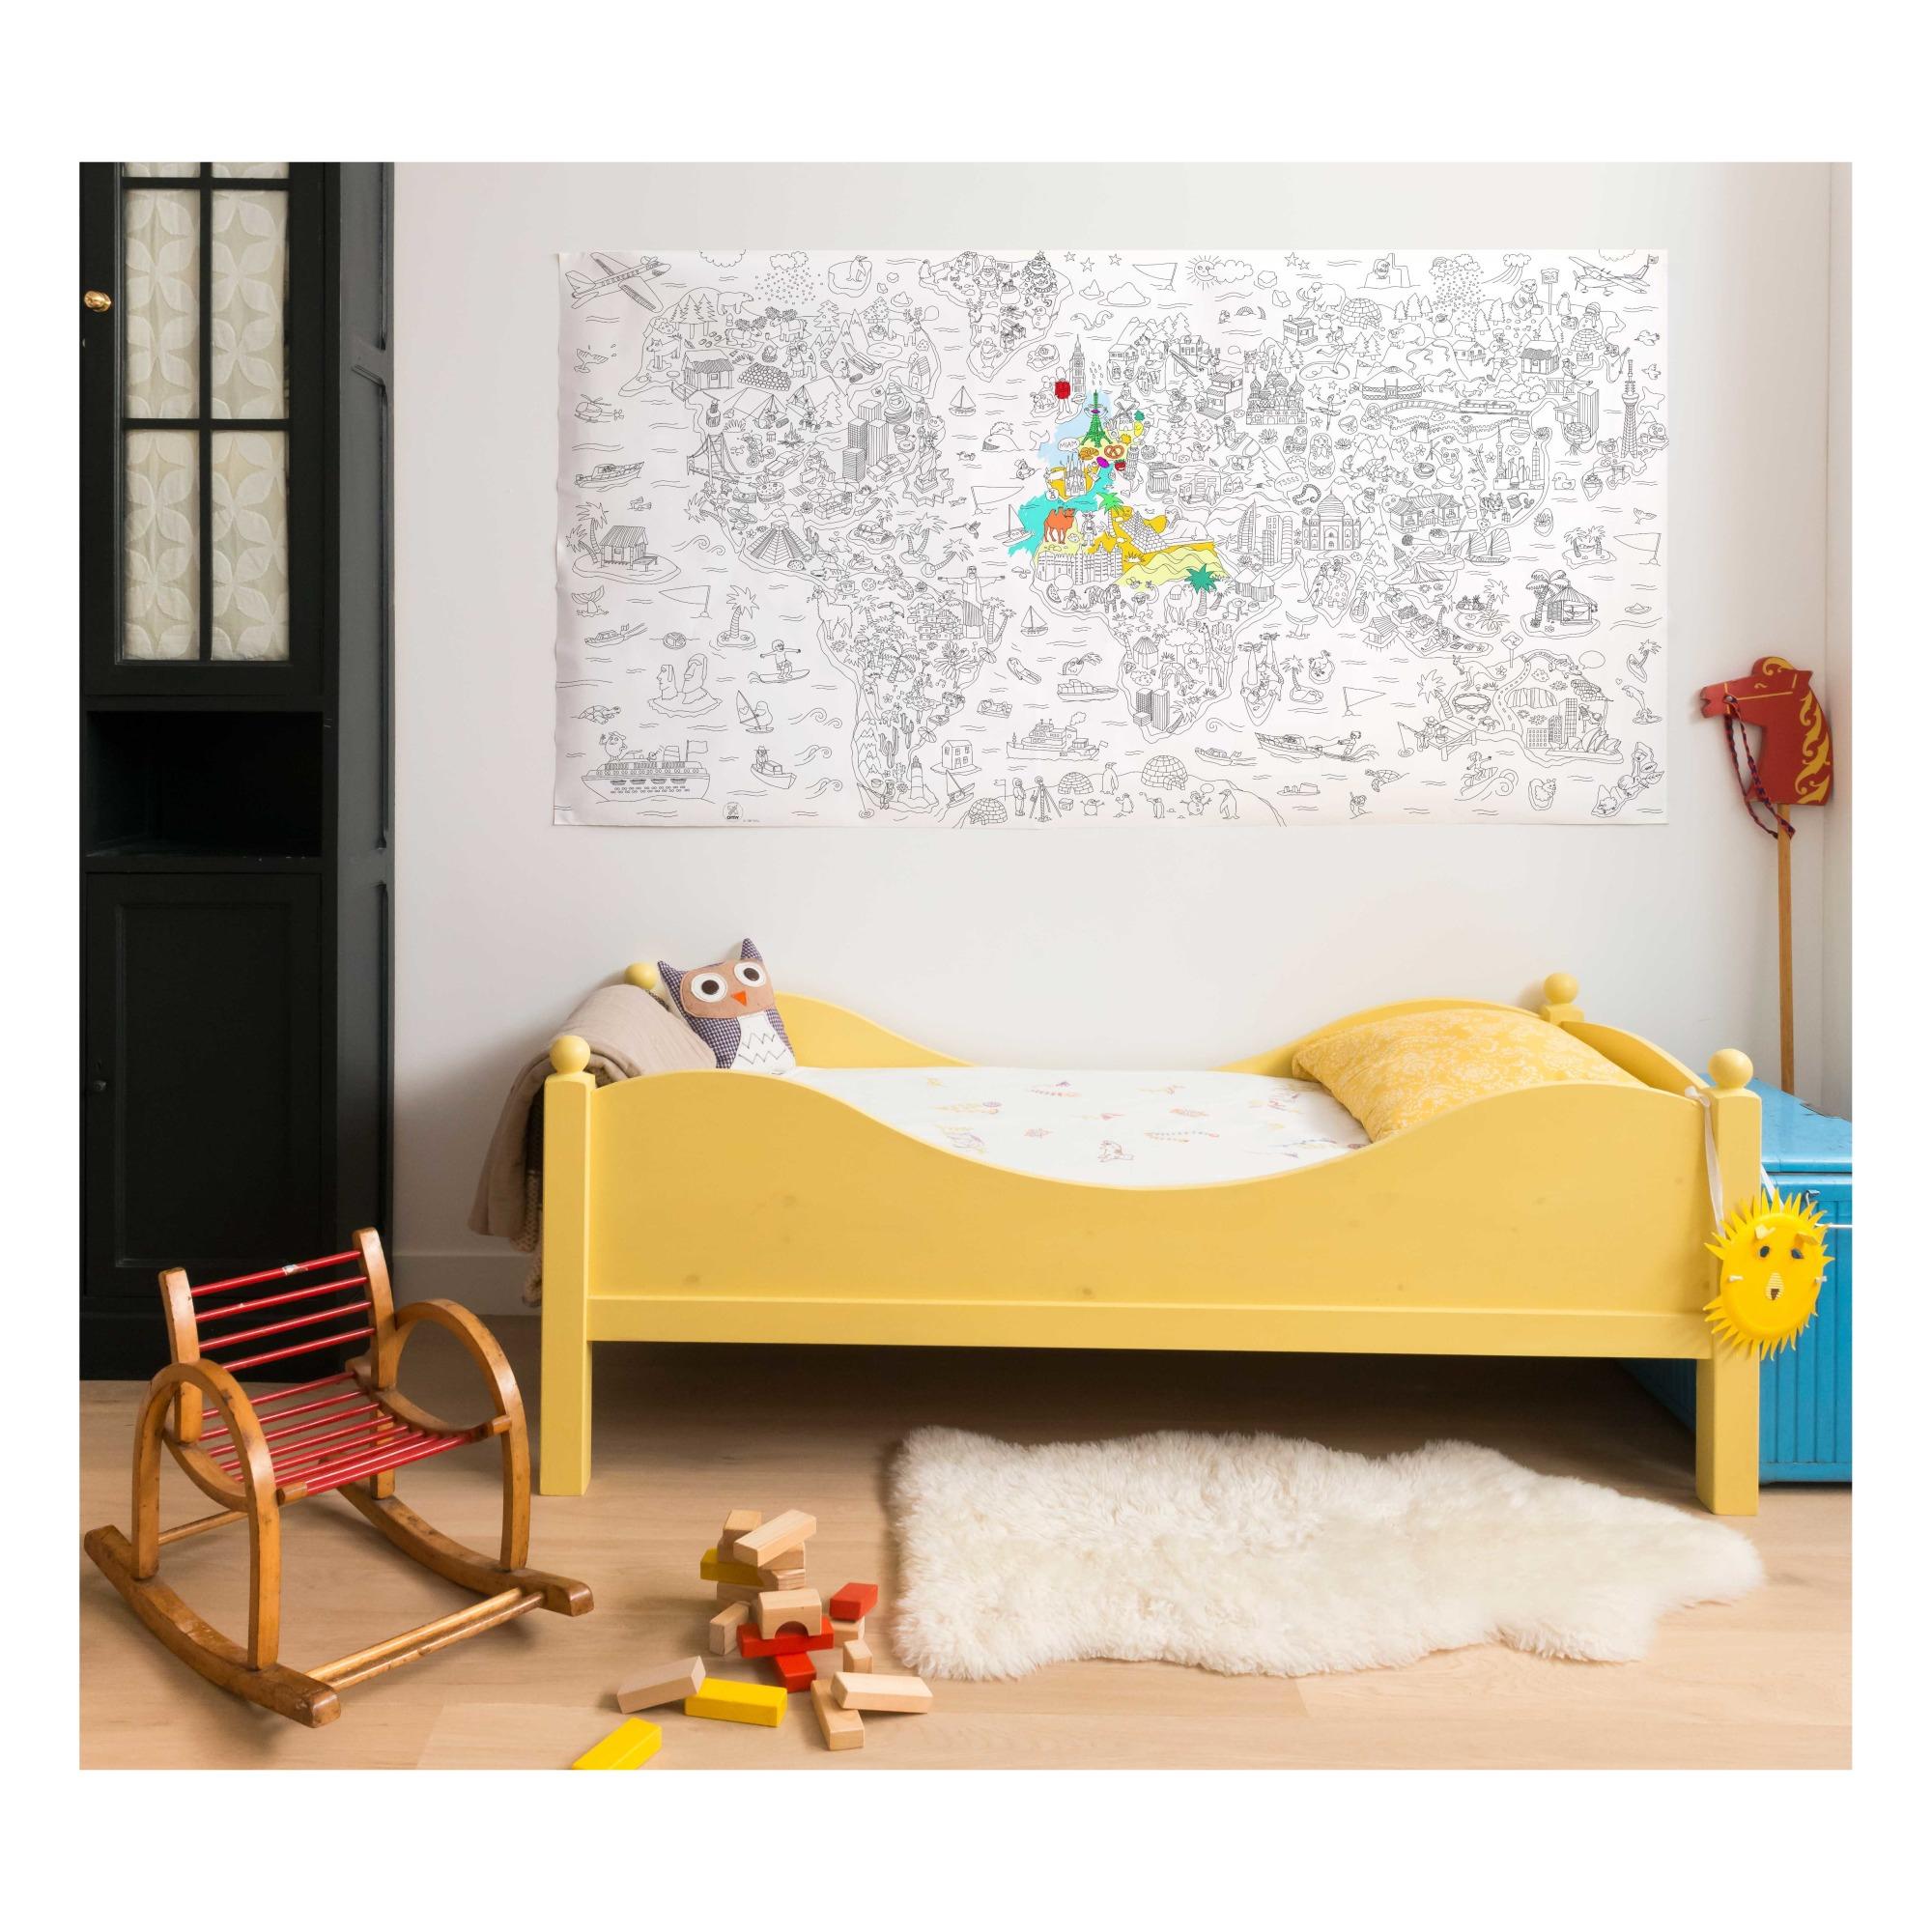 Coloriage Géant Atlas Omy Jouet Et Loisir Enfant à Omy Coloriage Geant